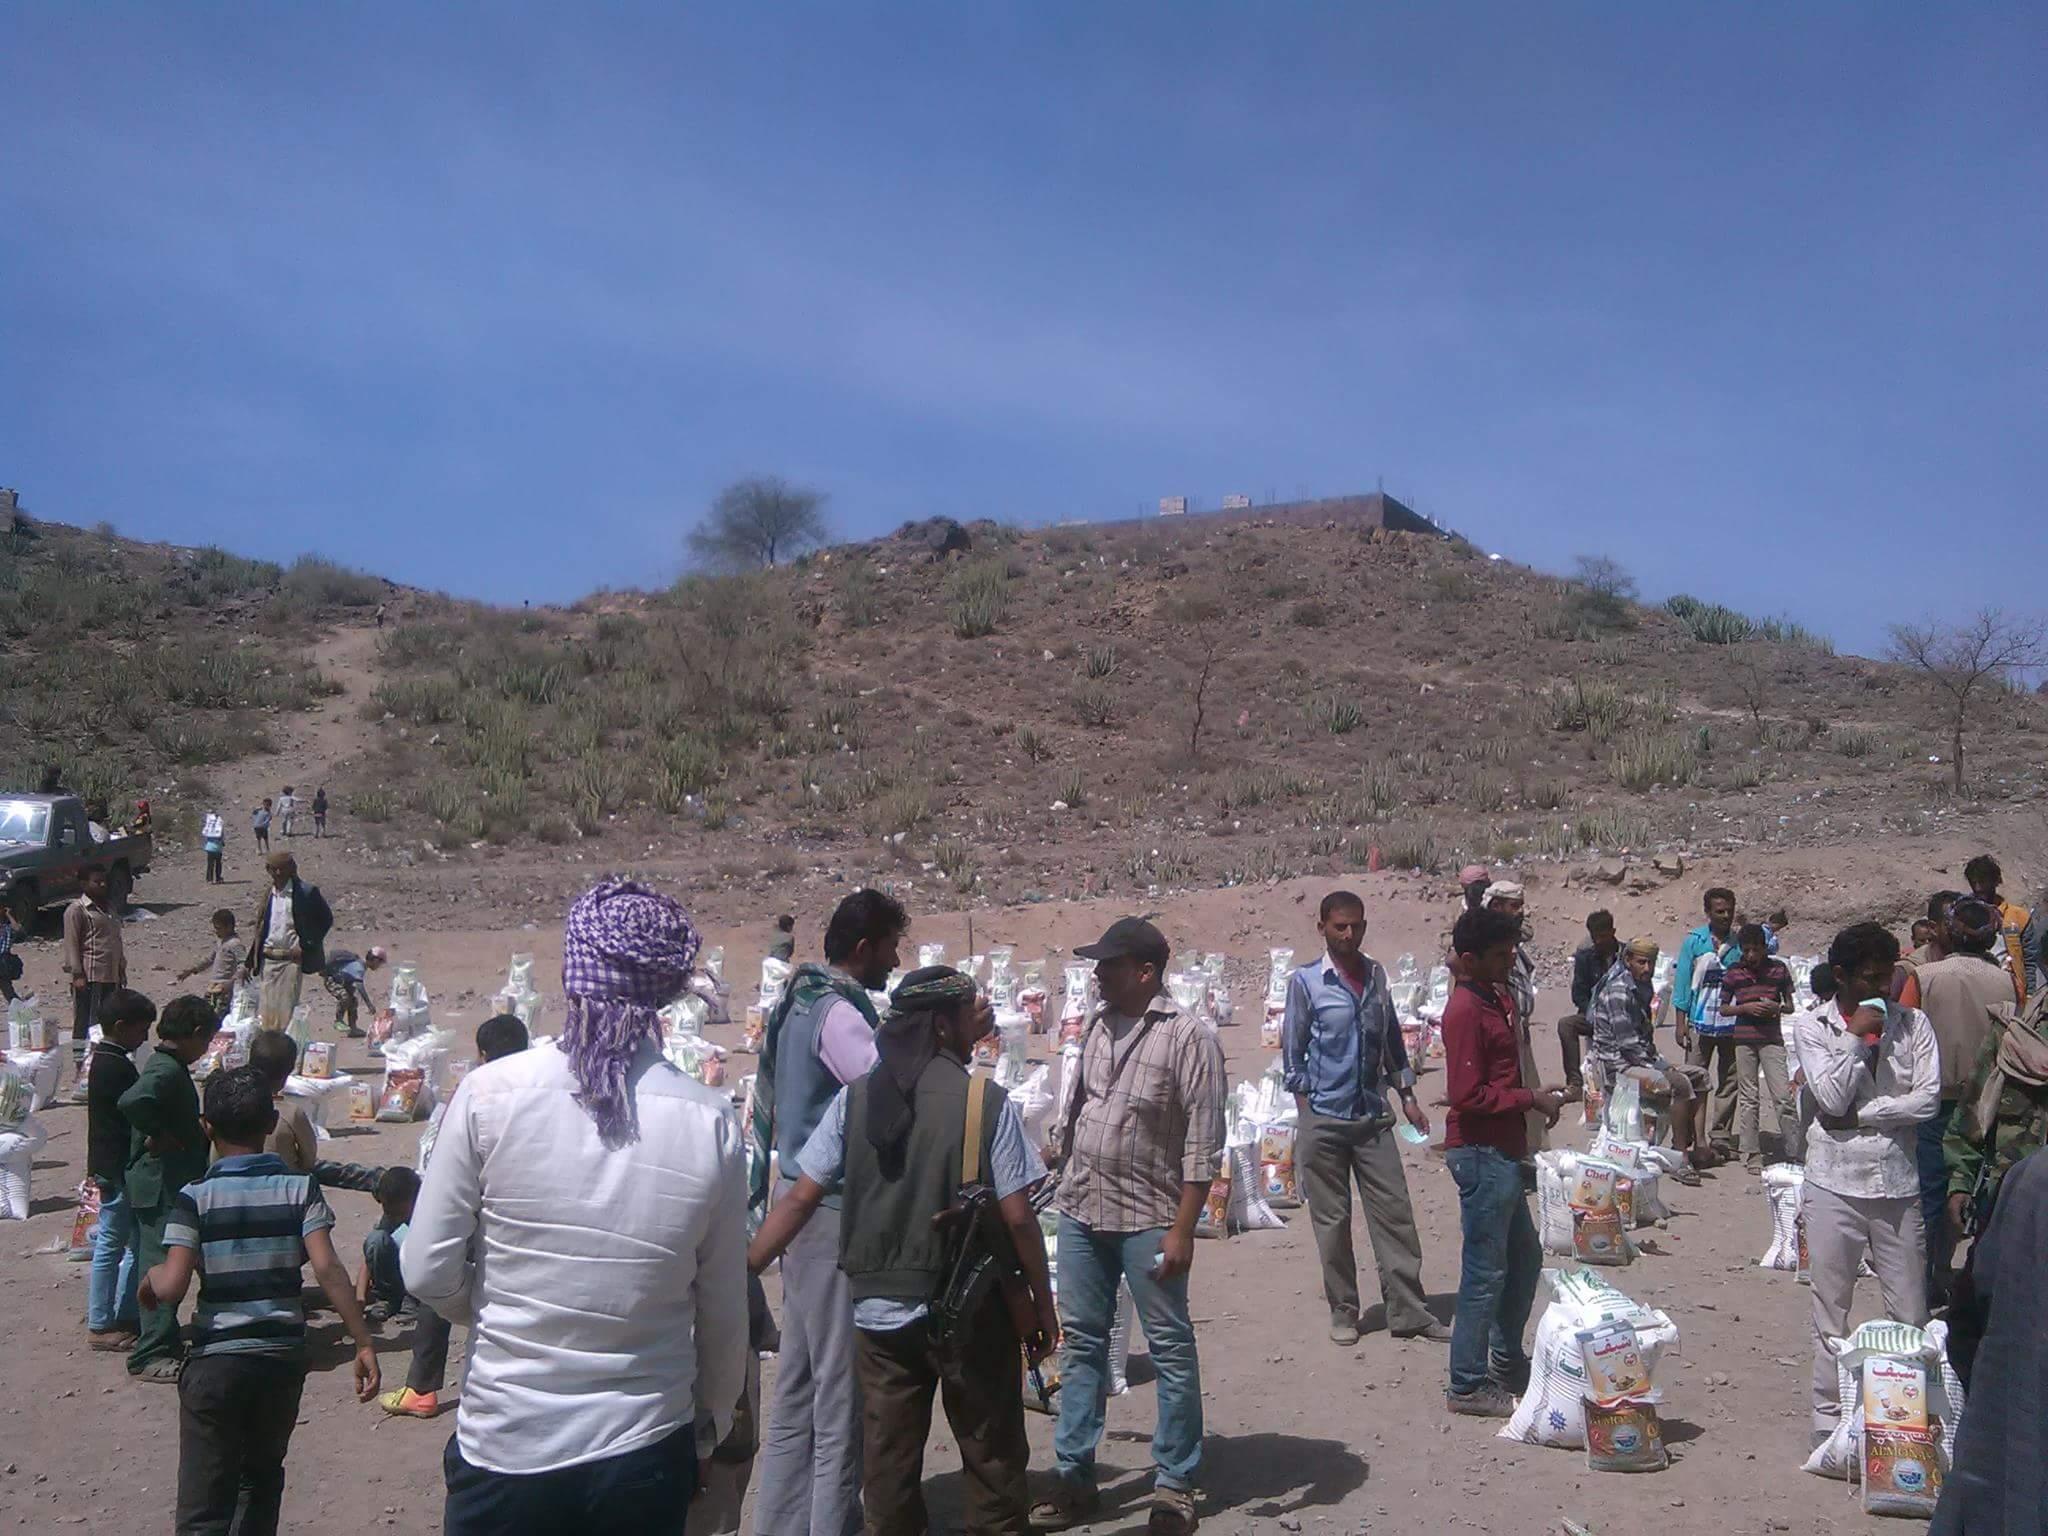 الضالع: جمعية الرساله توزع 150 سلة غذائية للنازحين في مريس